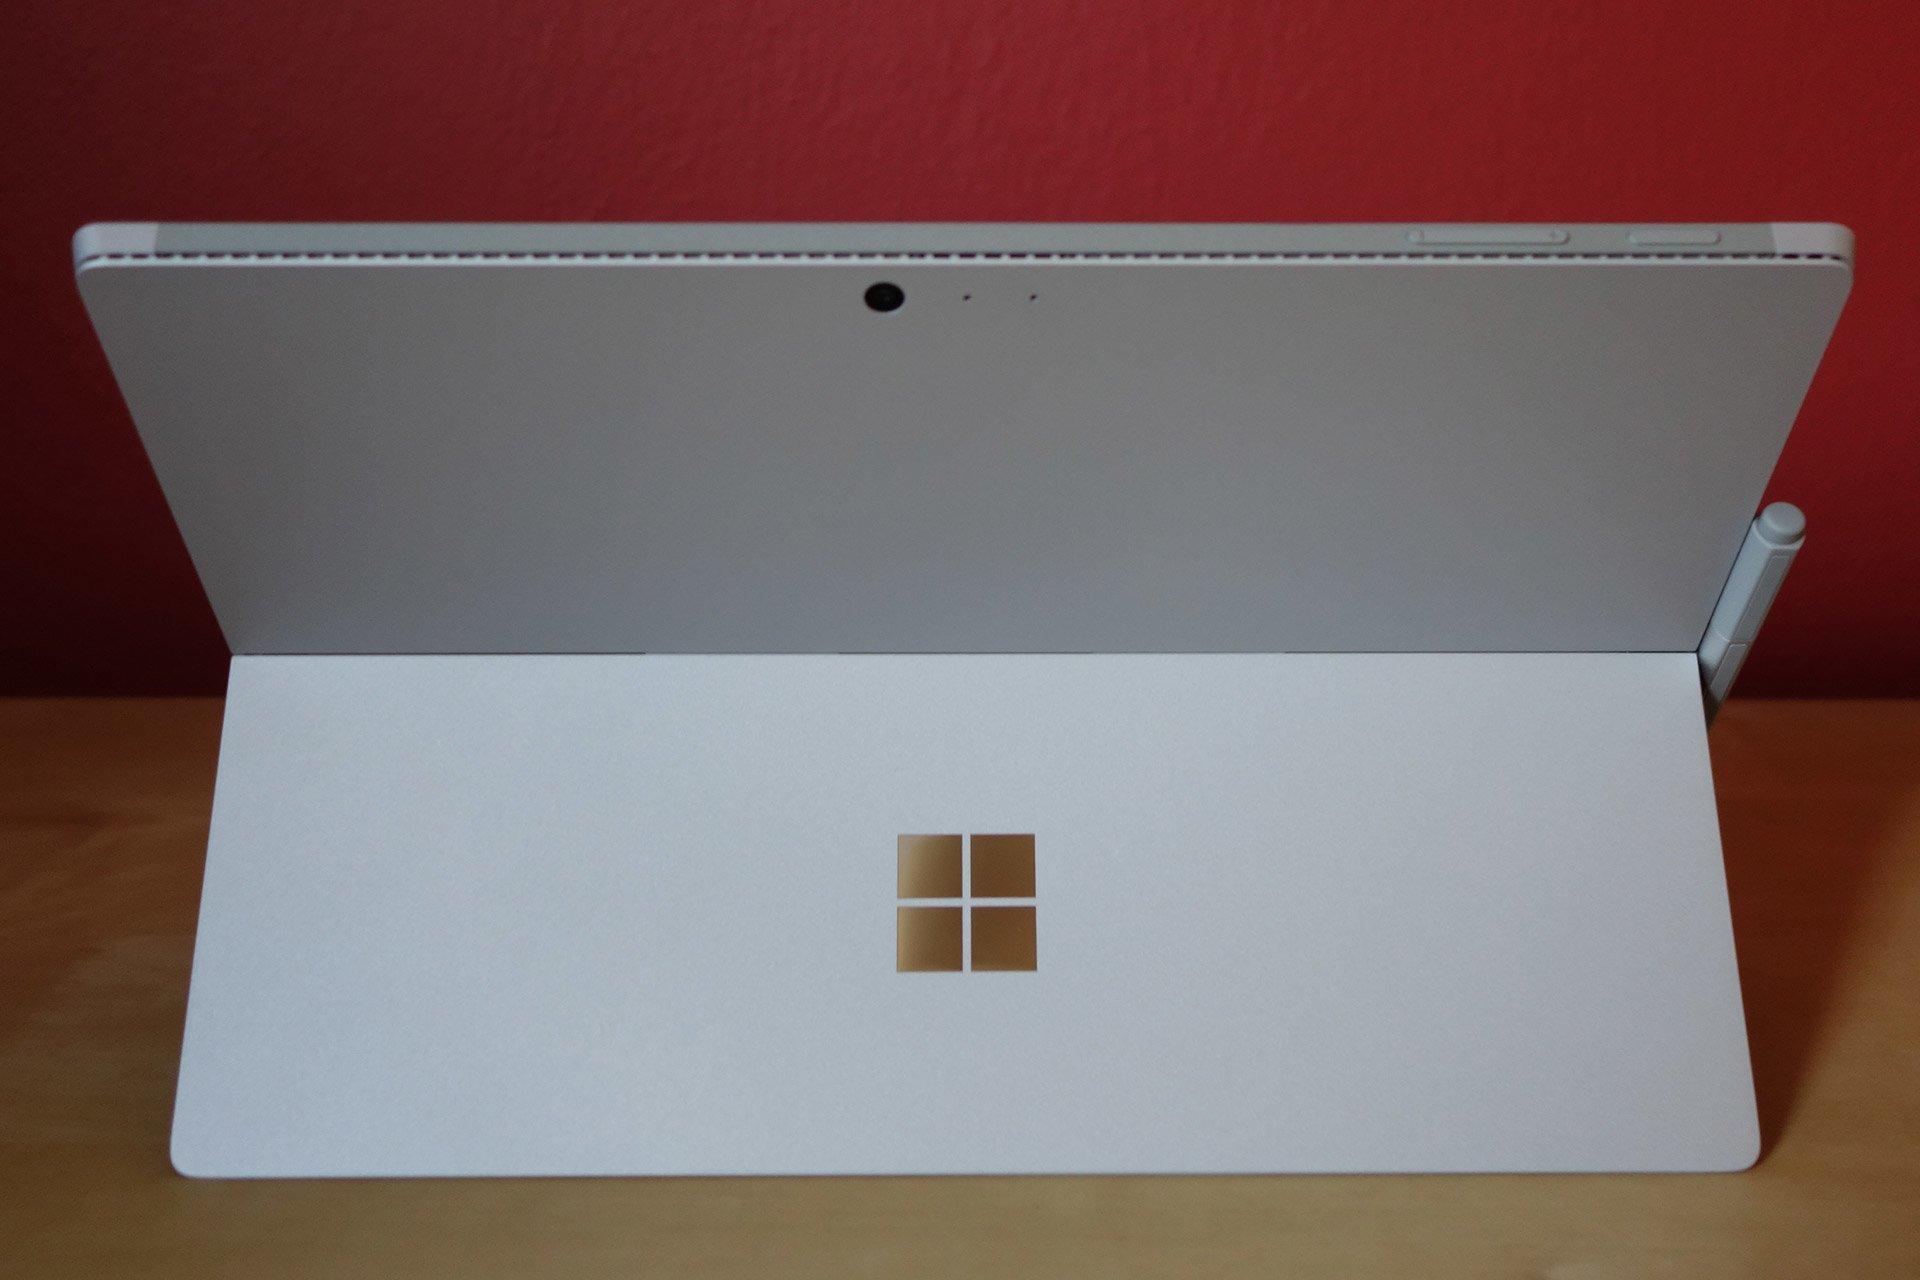 Promocja: Surface Pro 4 z i5, 8GB RAM i 256GB SSD w dobrej cenie - ale tylko dziś 19